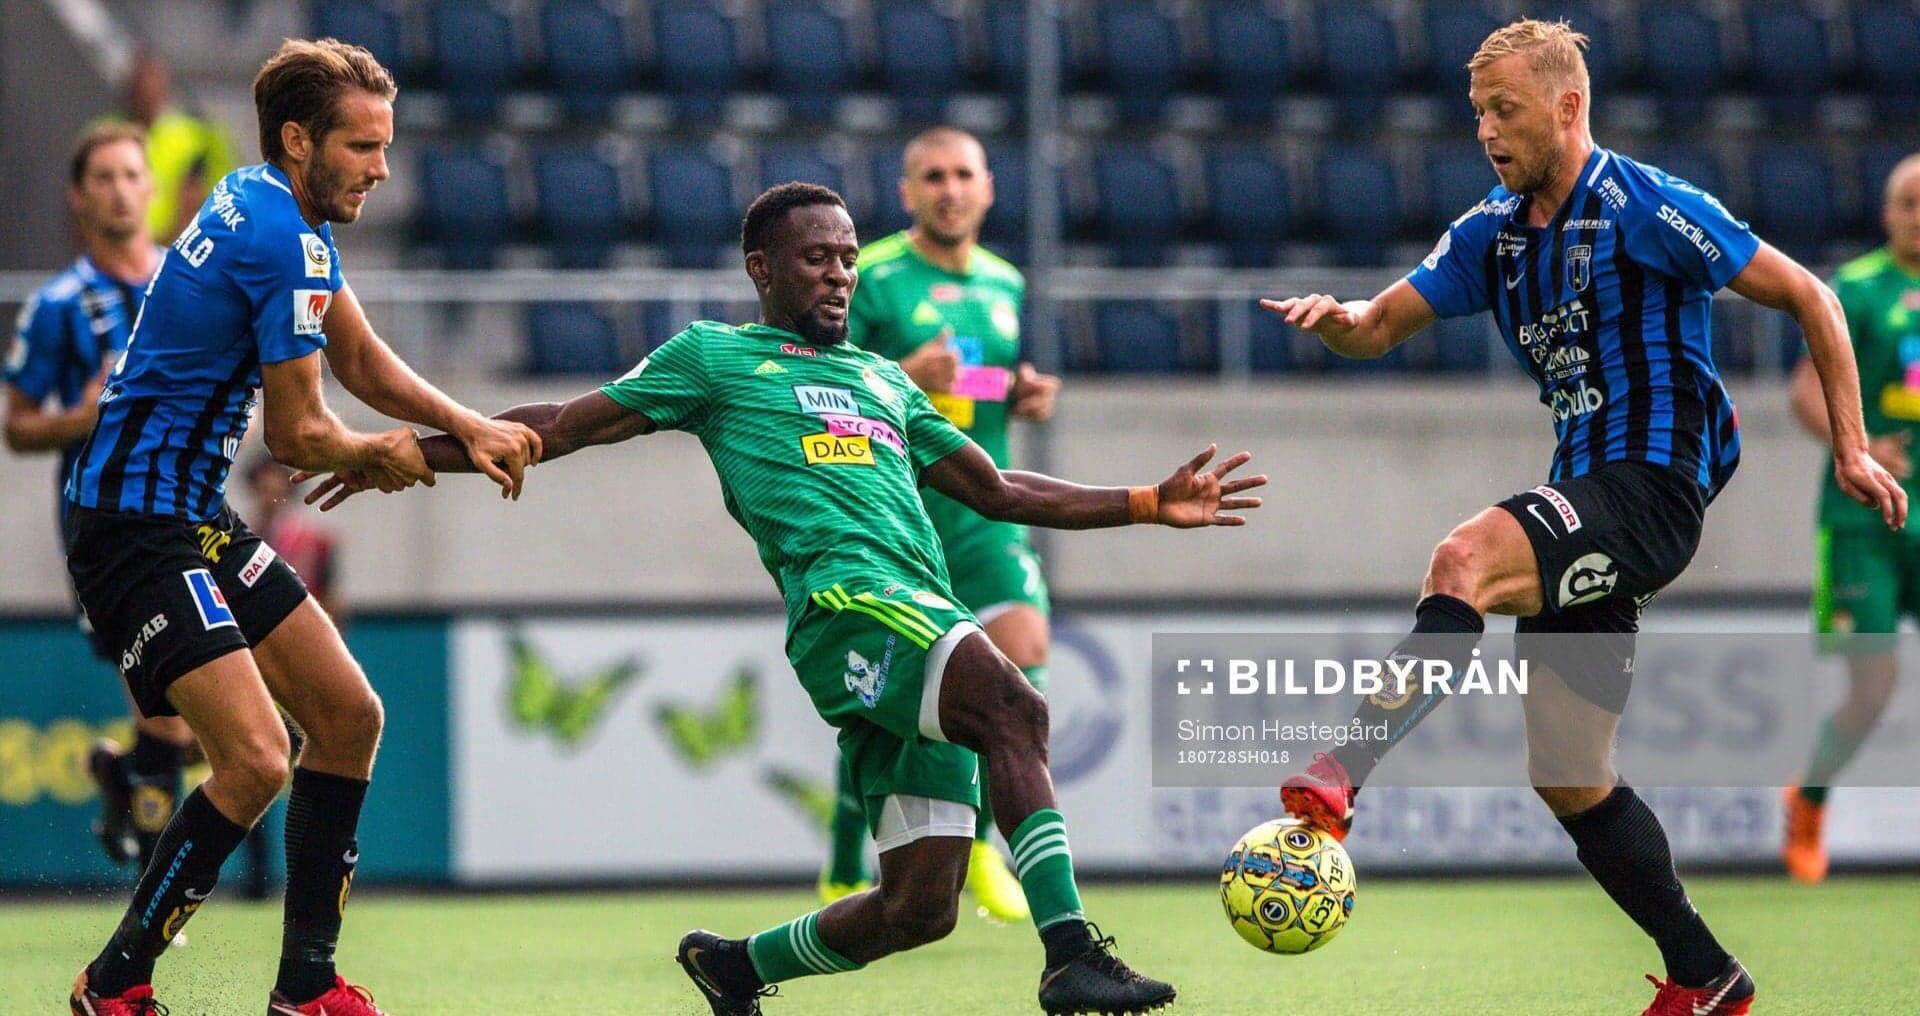 Top scorer Sierra Leone's Turay takes his tally to 9 in Swedish Allsvenskan